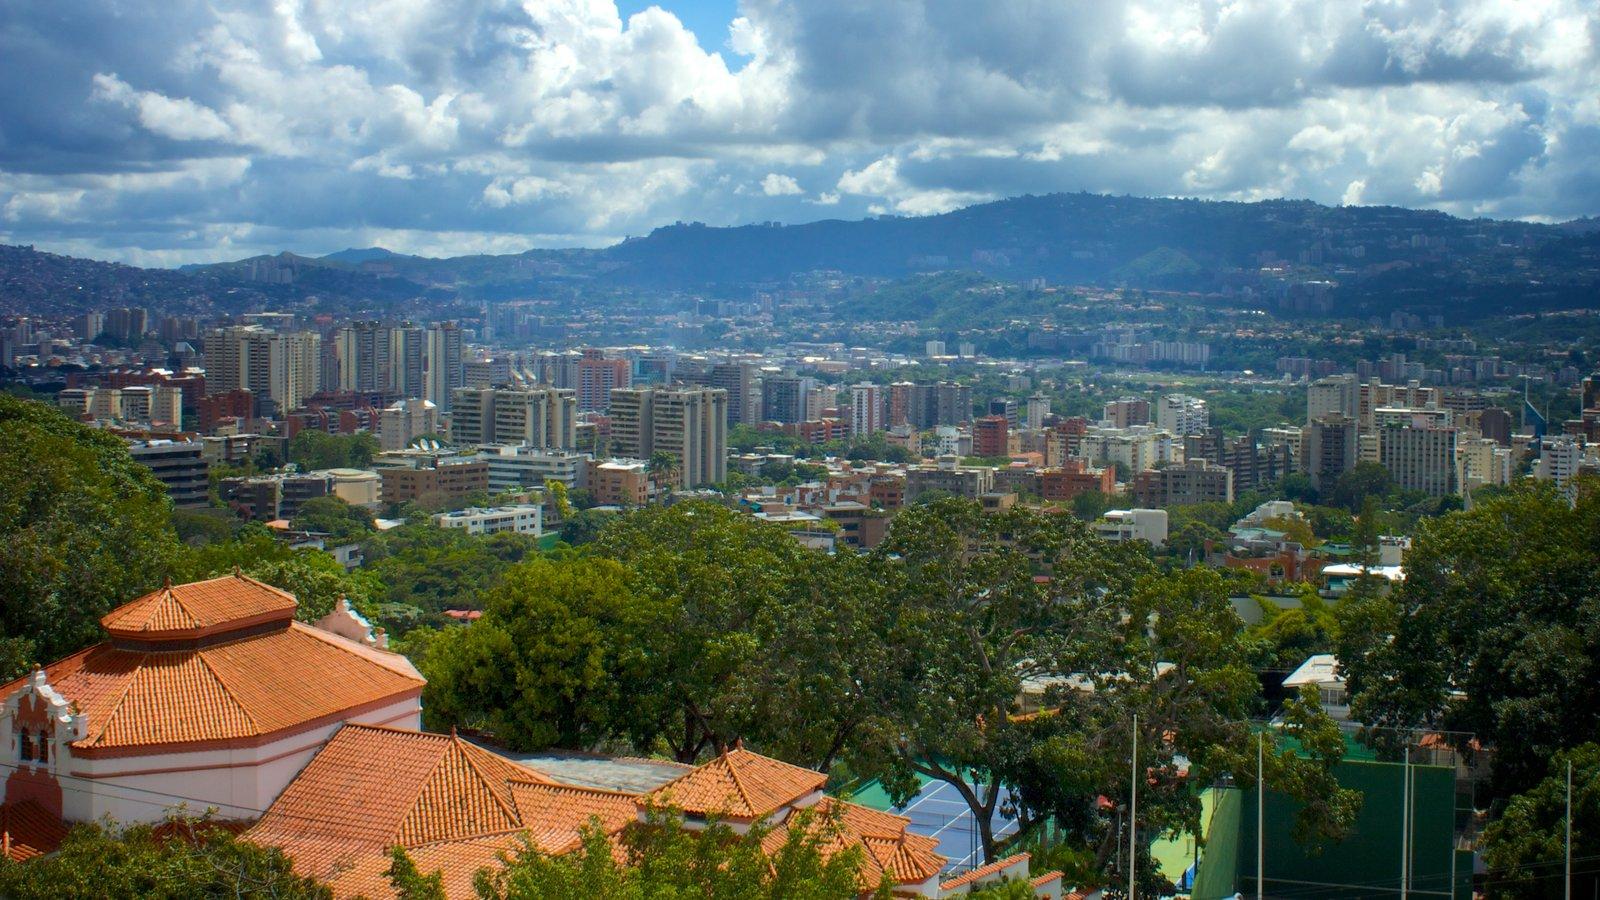 Caracas mostrando uma cidade